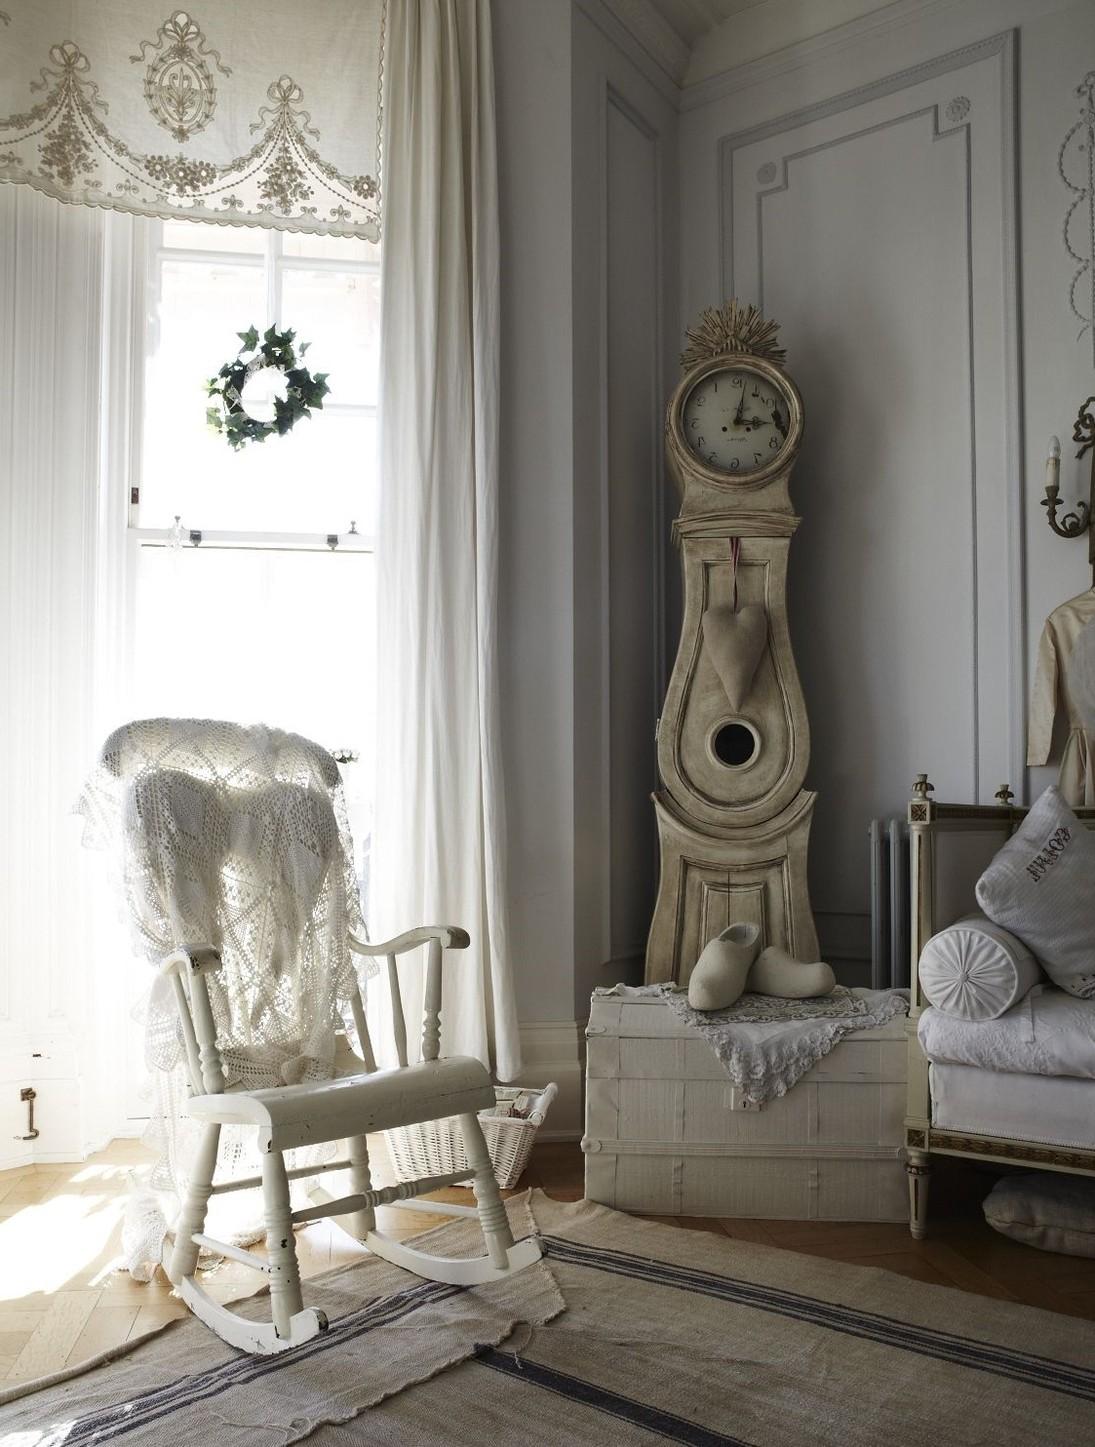 Гостиная с напольными часами в стиле шебби-шик